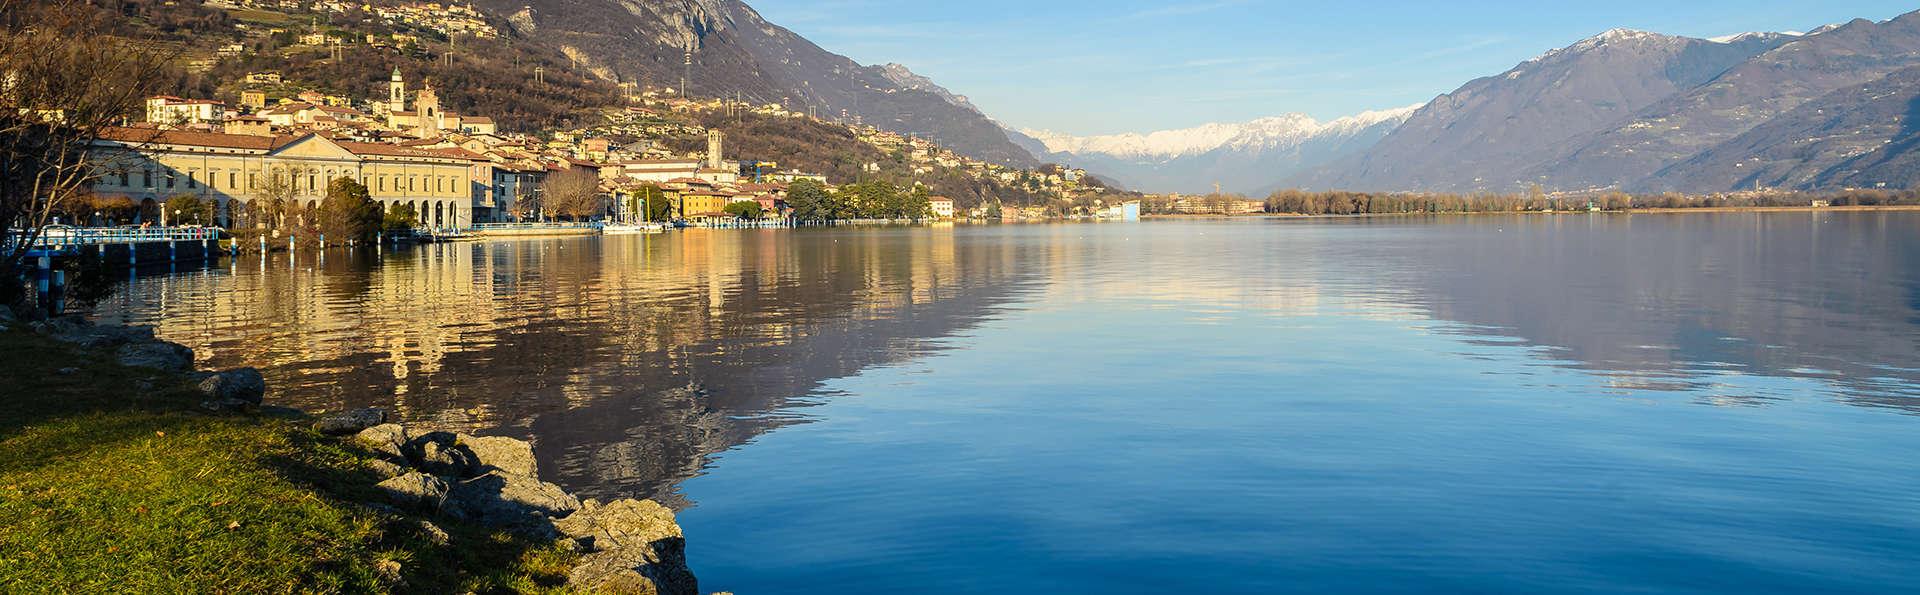 Découvrez les verdoyantes collines de Lombardie près du lac d'Iseo